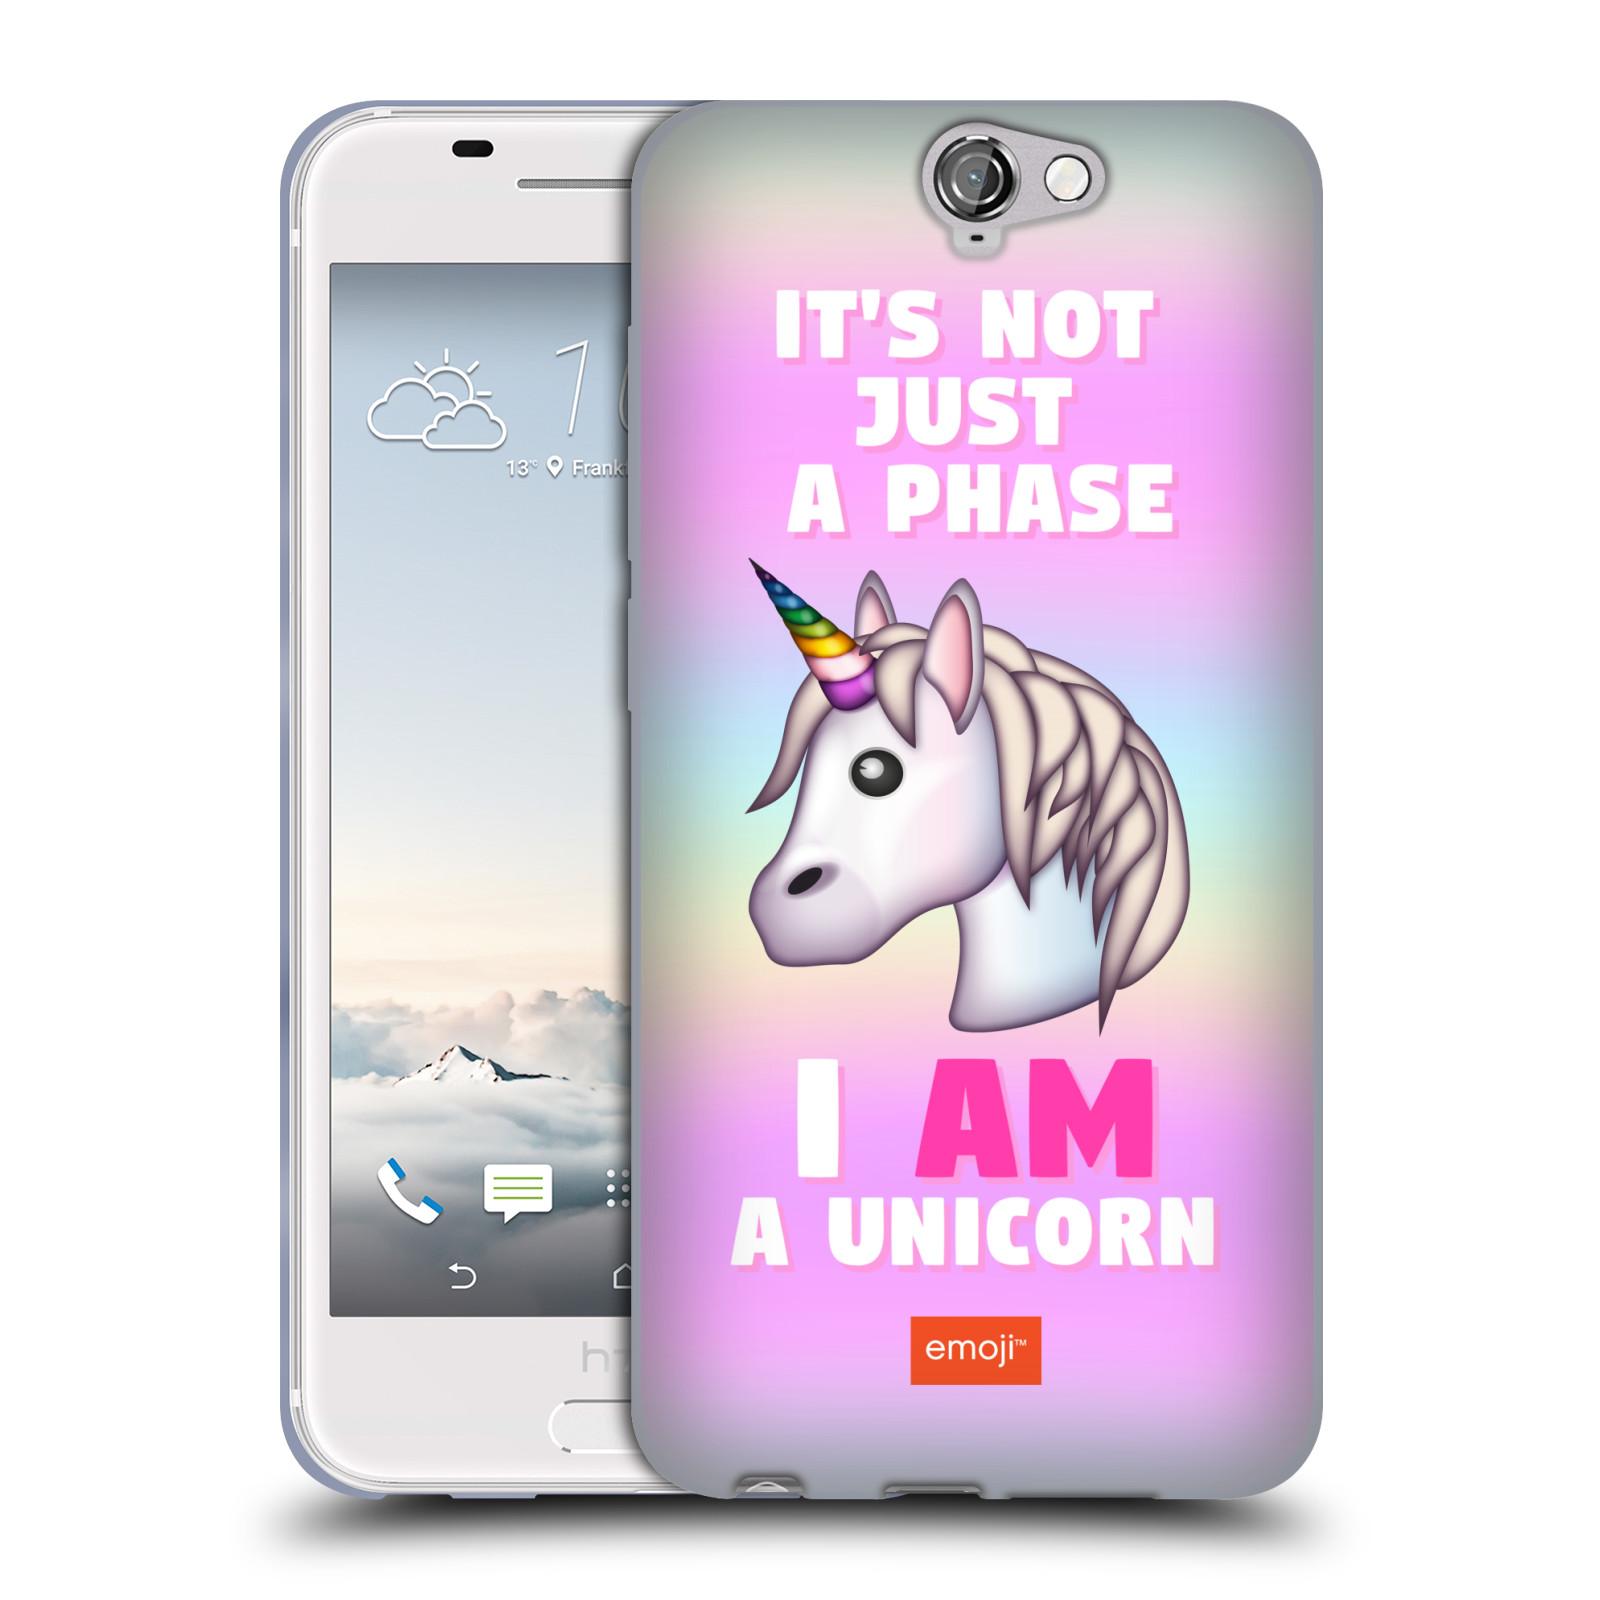 HEAD CASE silikonový obal na mobil HTC One A9 smajlíci oficiální kryt EMOJI  vzor jednorožec růžová I AM UNICORN e294033f233